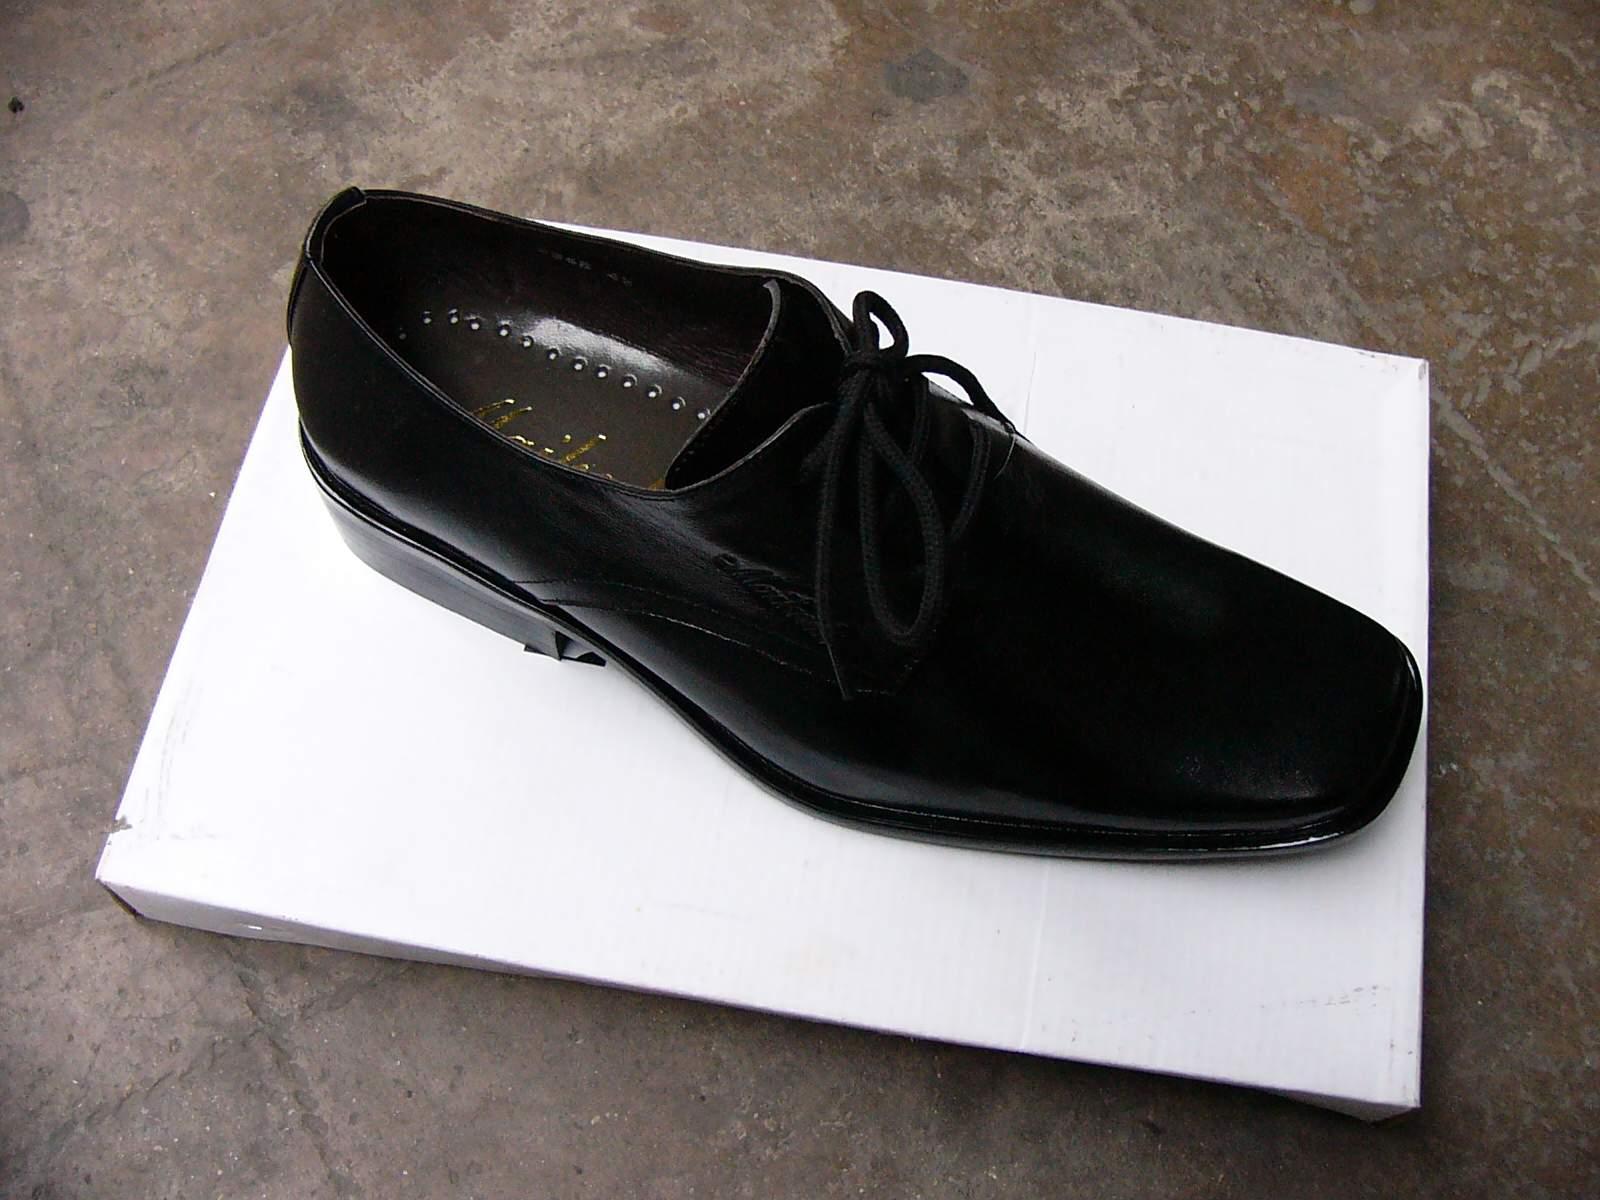 花样系鞋带方法步骤图解皮鞋